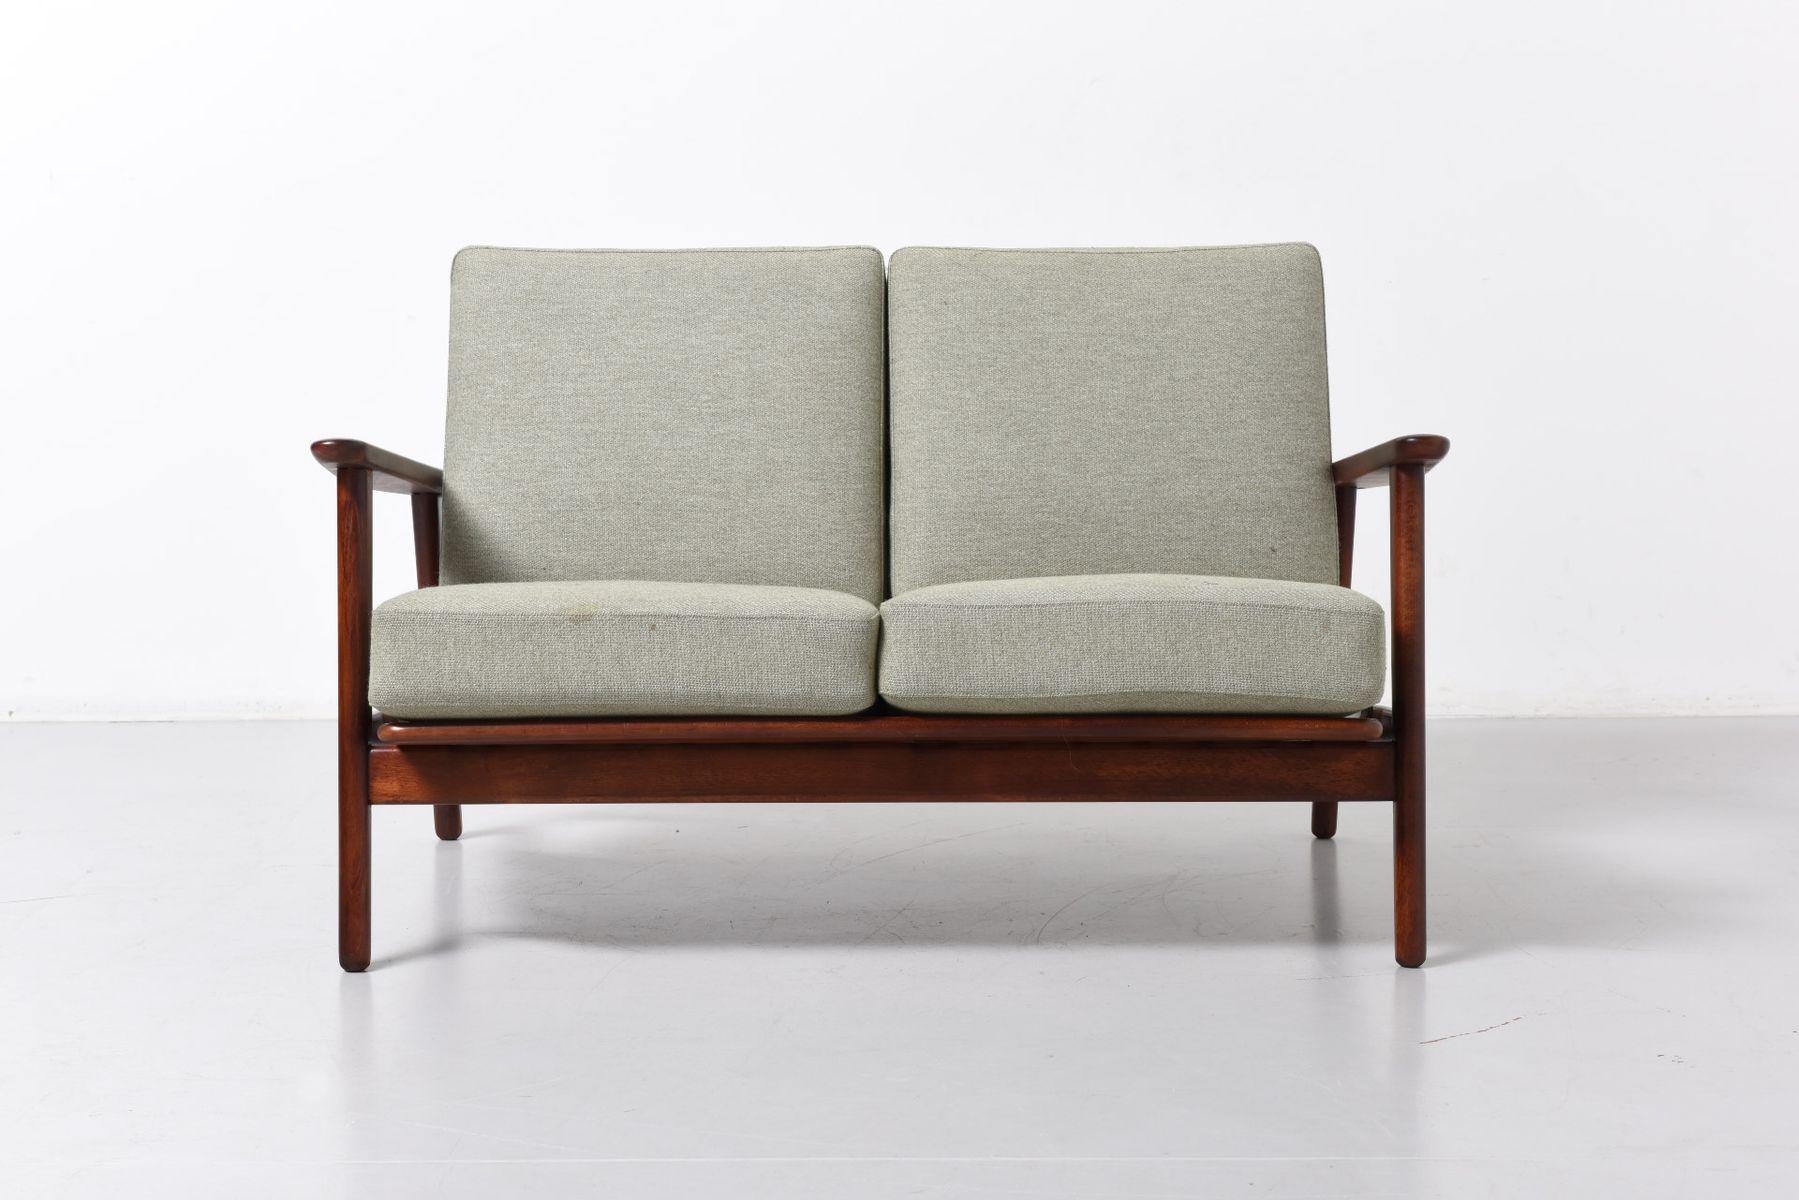 mid century ge 233 zwei sitzer sofa von hans j wegner f r getama bei pamono kaufen. Black Bedroom Furniture Sets. Home Design Ideas